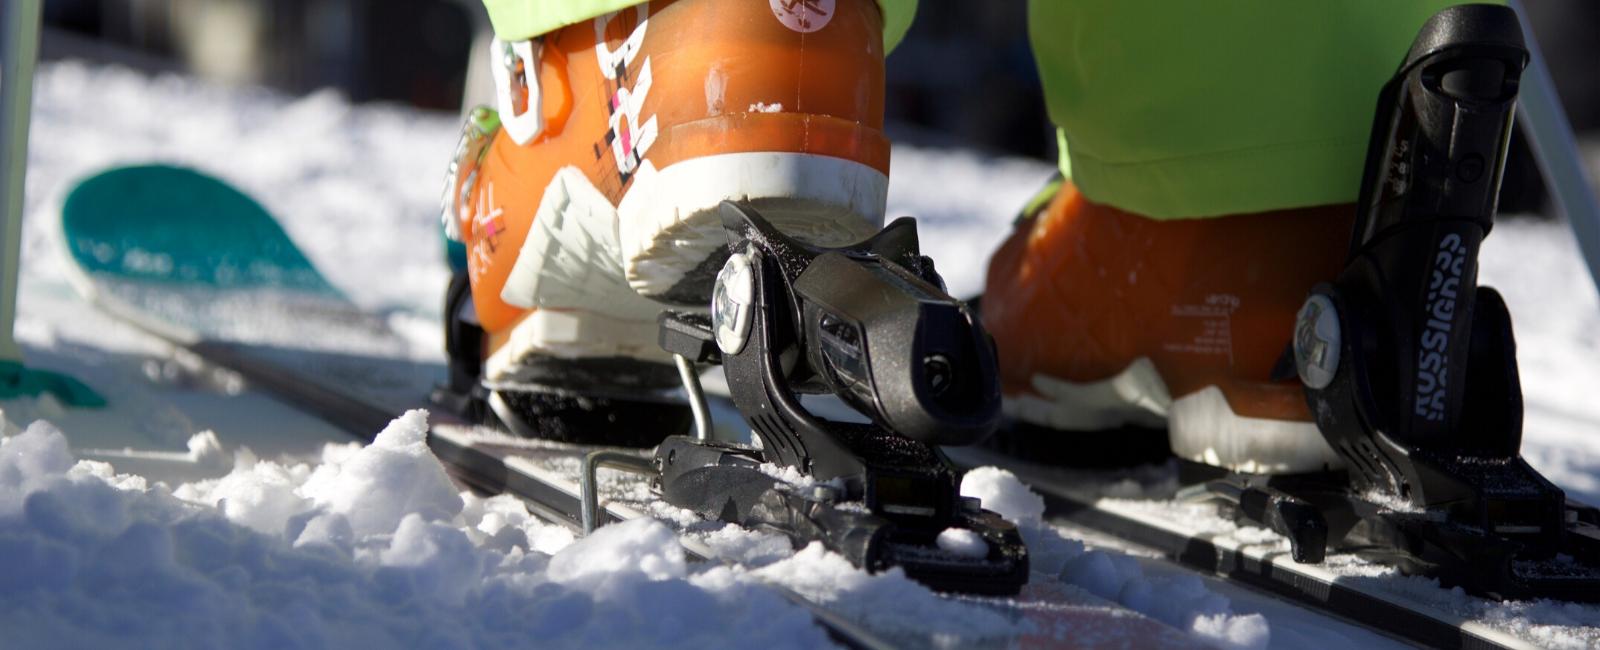 Ski Utah's Guide to Ski and Snowboard Rentals